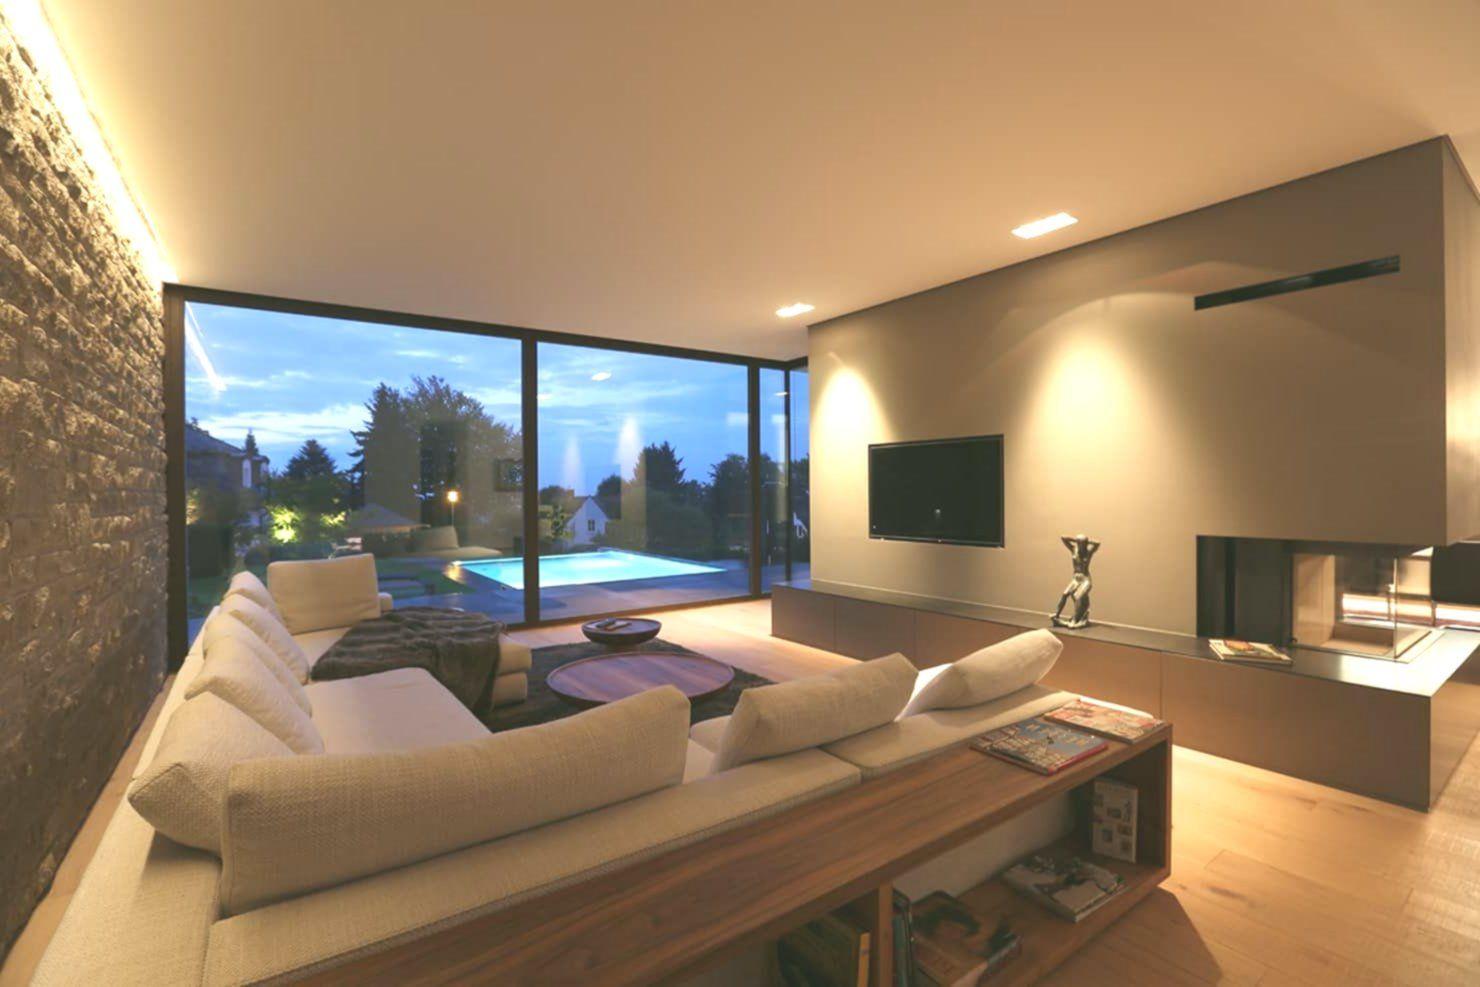 Moderne wohnzimmer villa p3 von dg d architekten modern